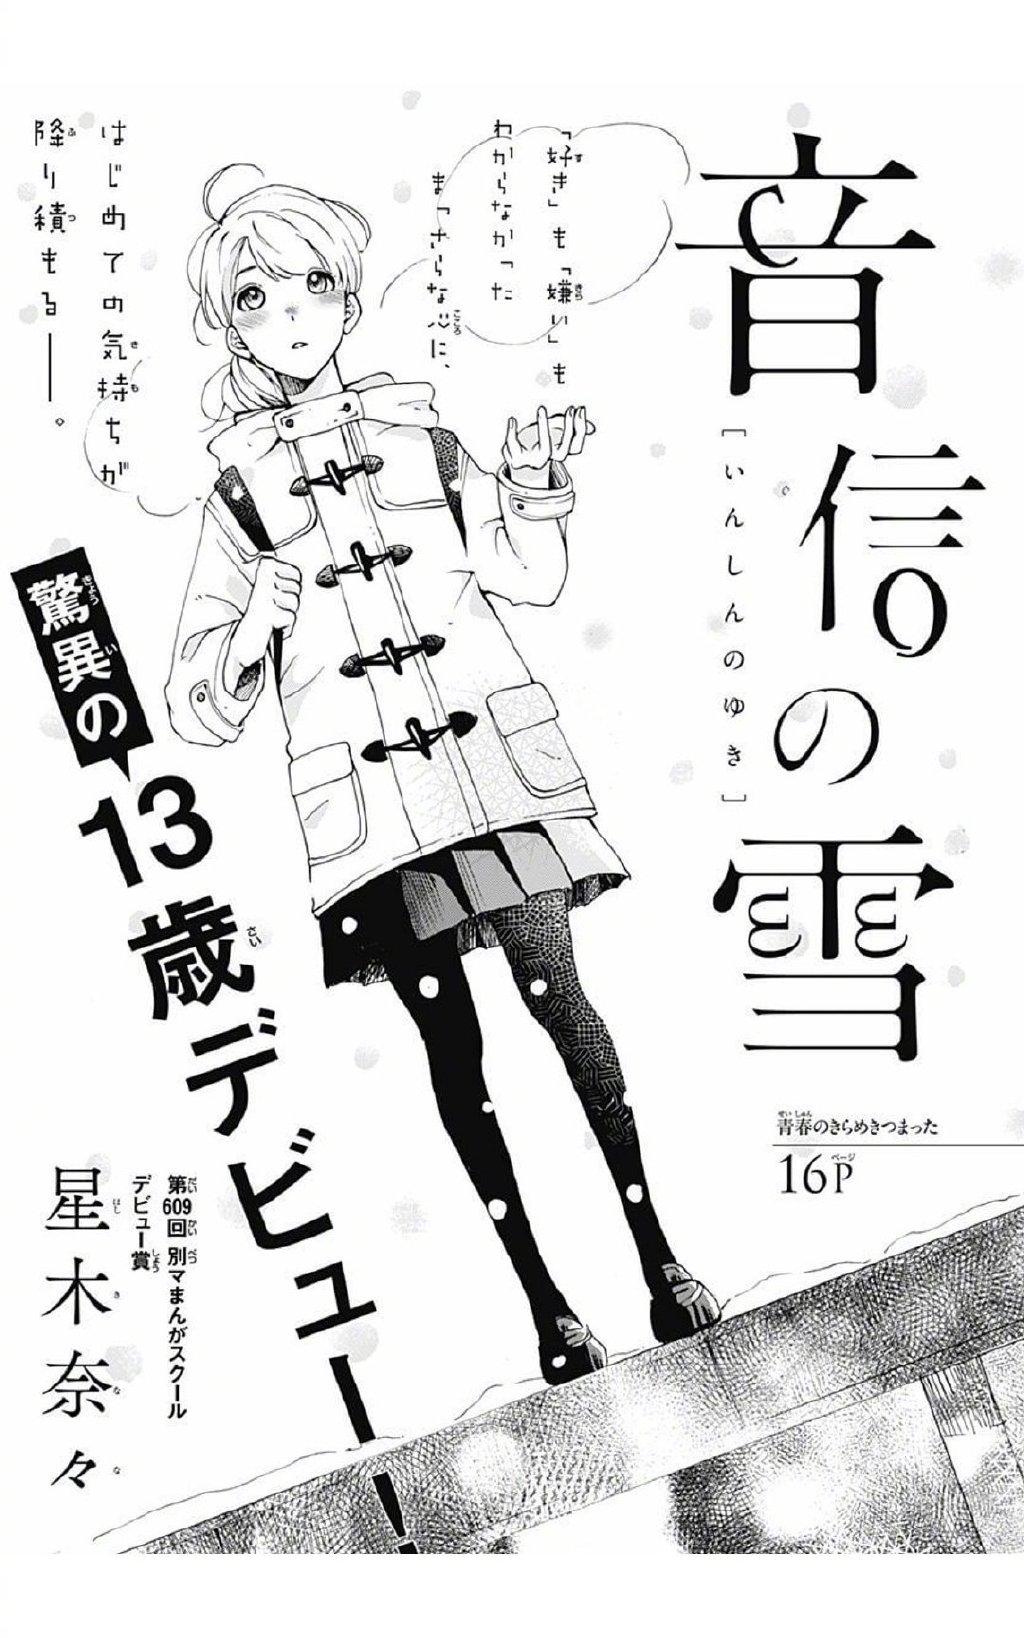 星木奈奈,13岁漫画家,音信の雪